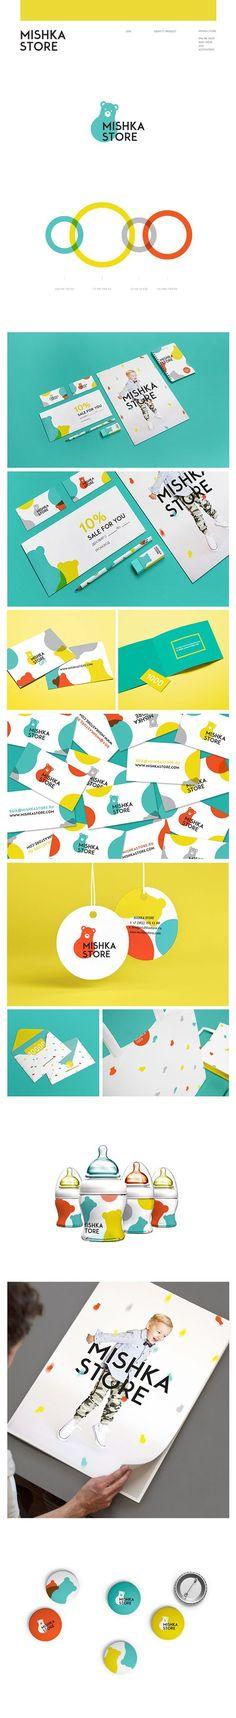 Mishka Store Branding on Behance   Fivestar Branding – Design and Branding Agency & Inspiration Gallery